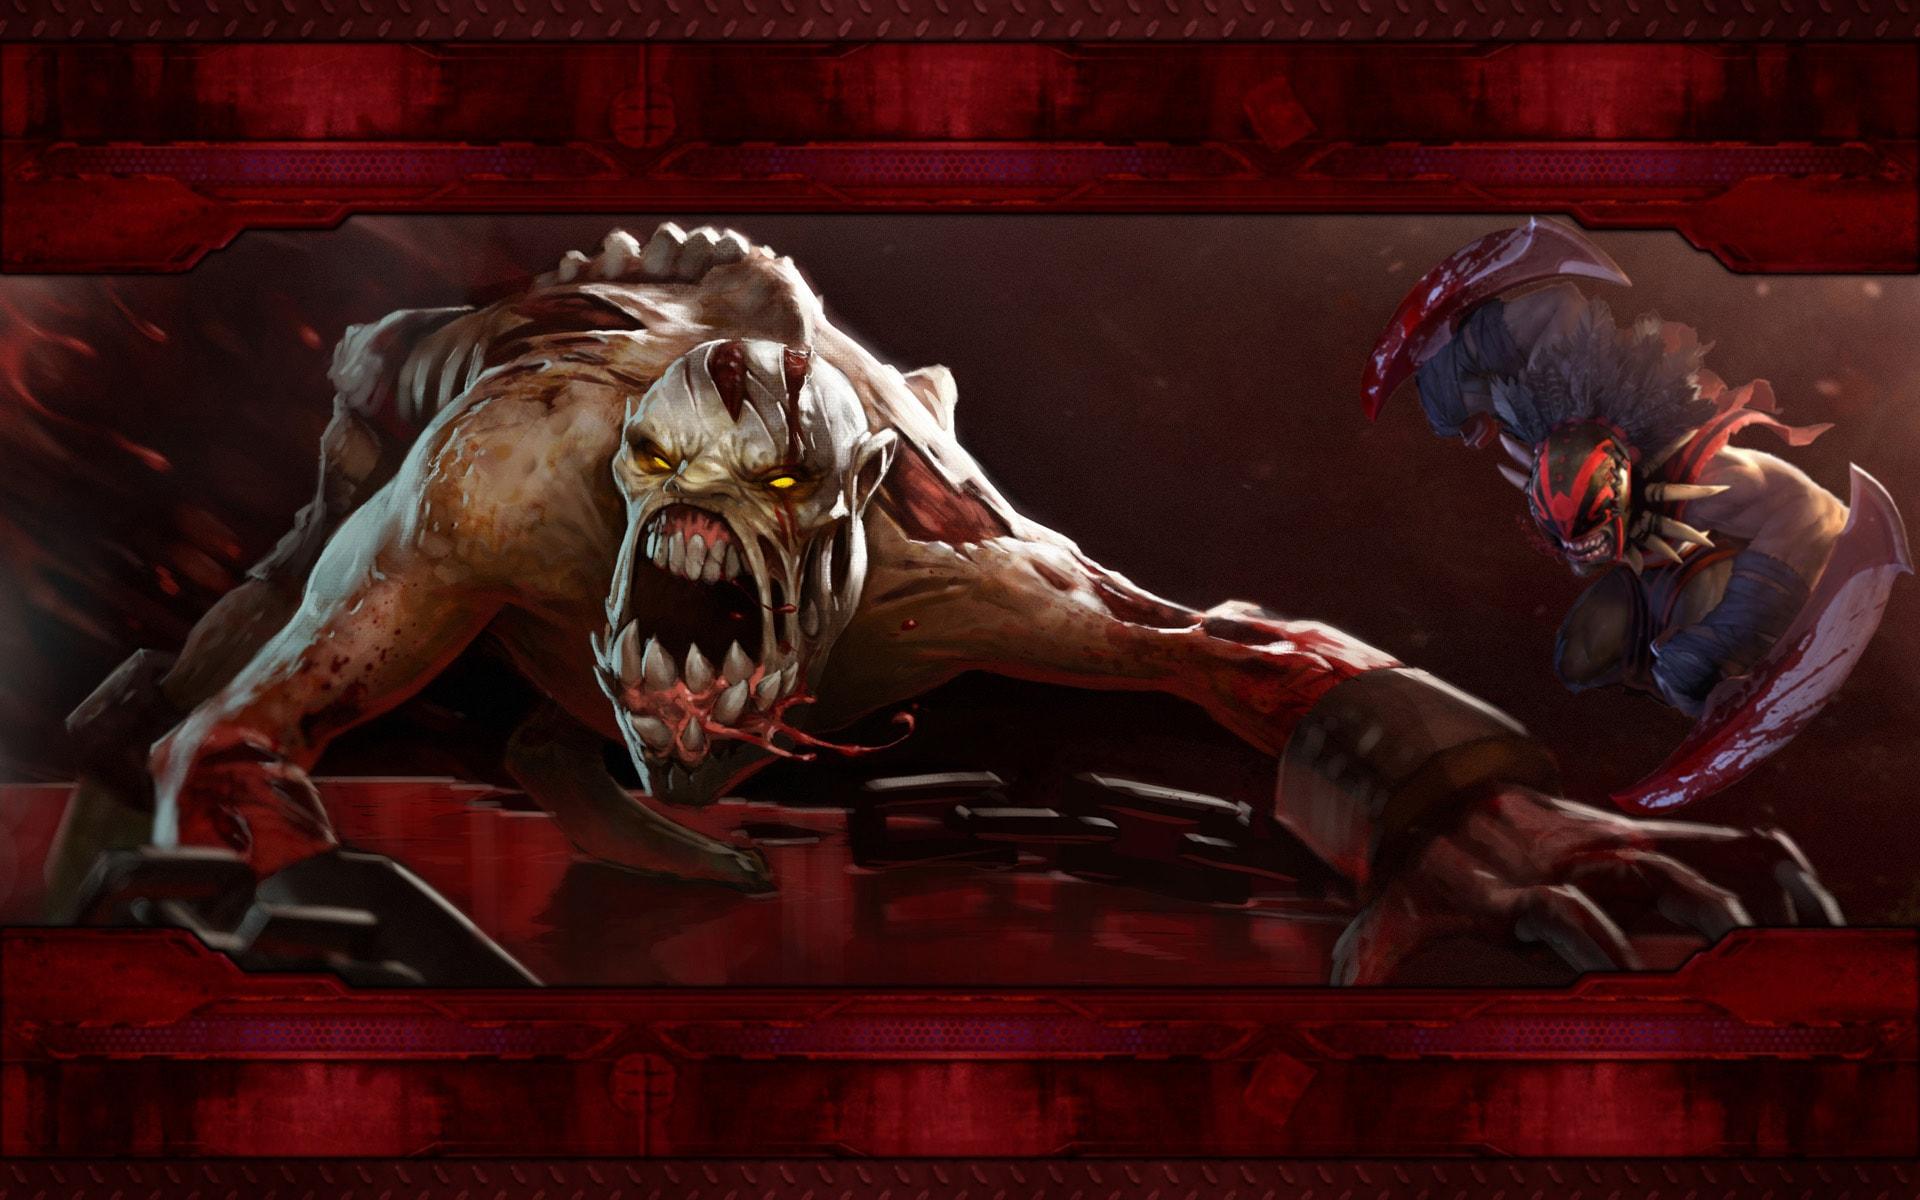 Dota2 : Bloodseeker HD